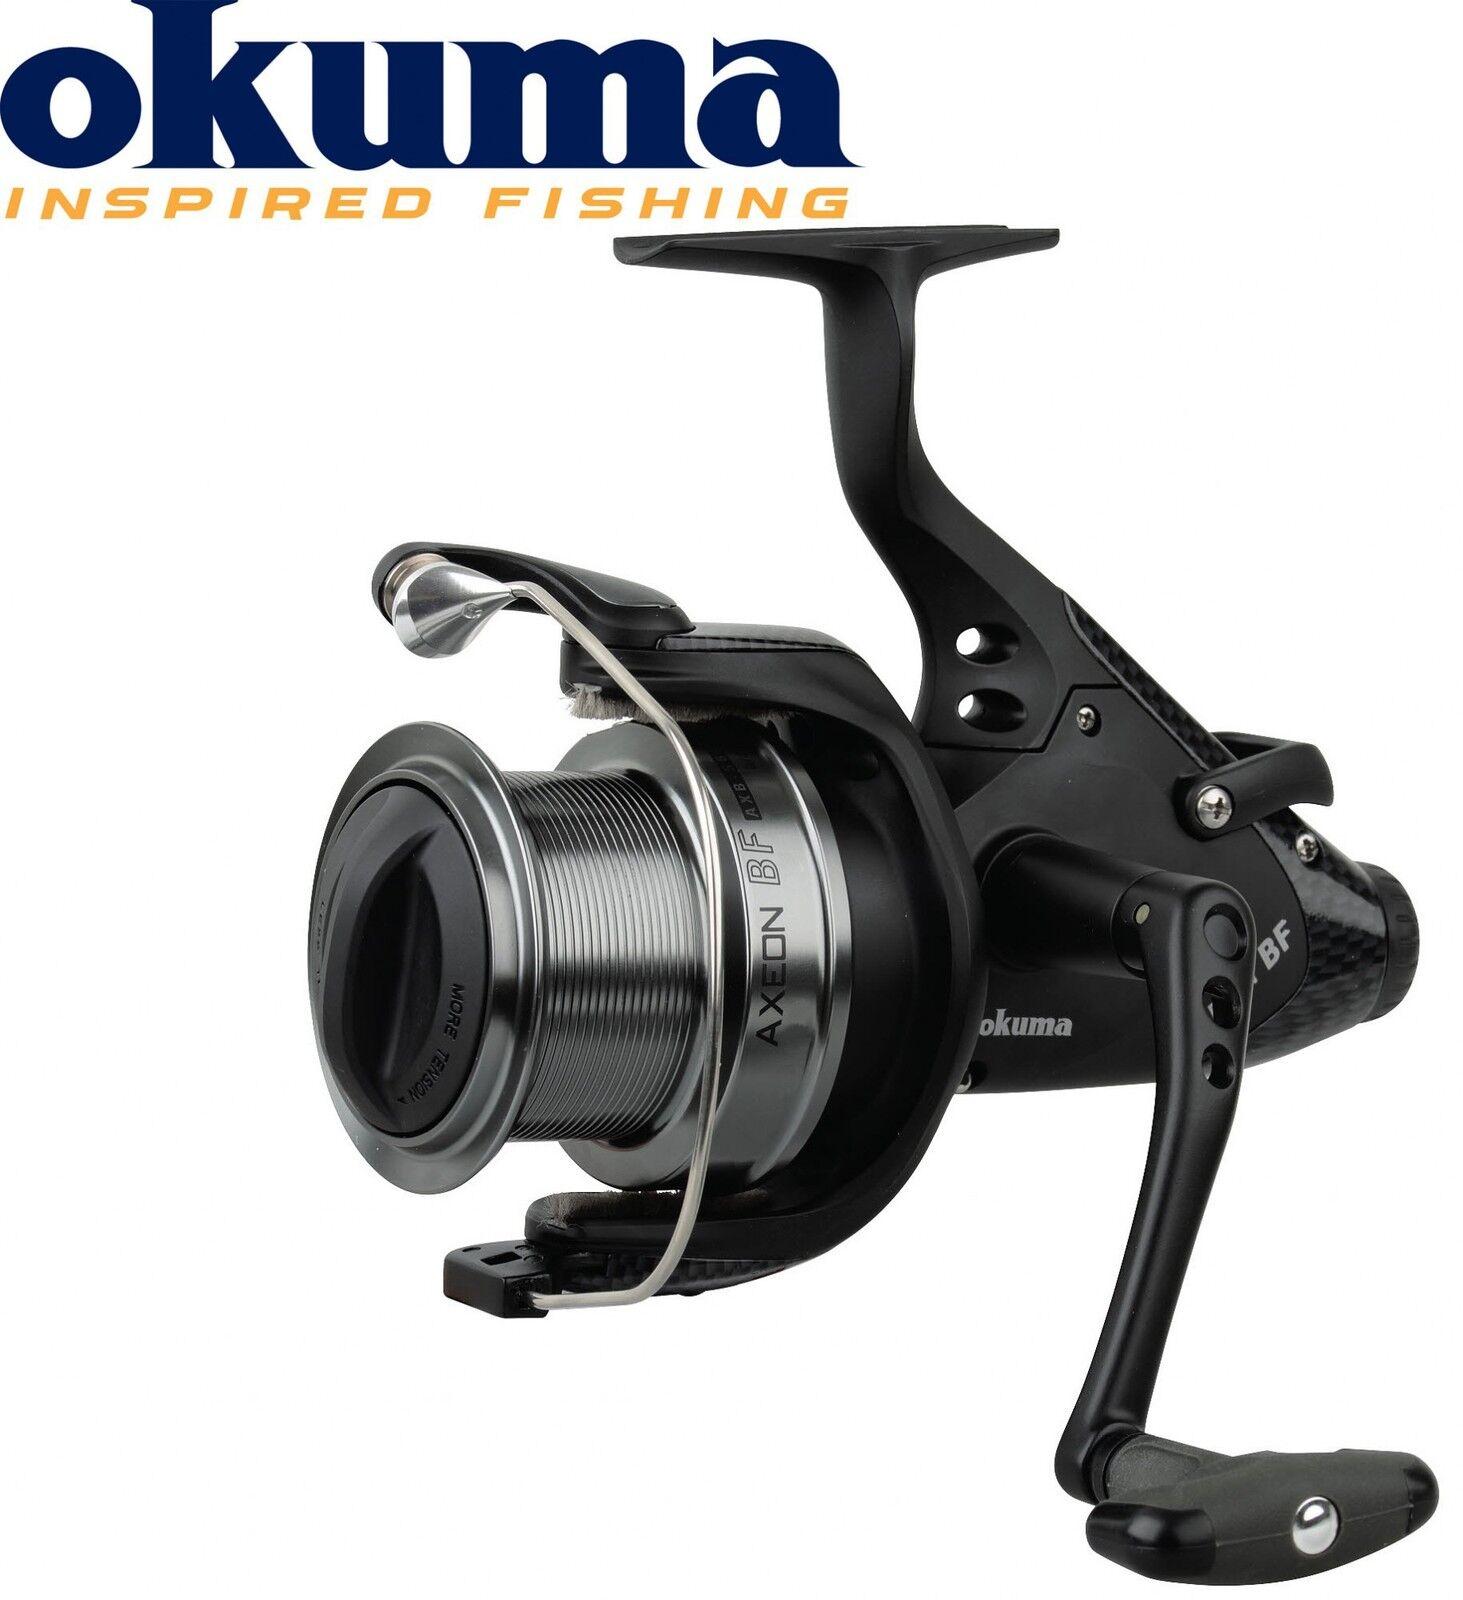 Okuma Axeon Baitfeeder Freilaufrolle AXB-560 – Freilaufrolle Baitfeeder zum Karpfenangeln, Angelrolle d026a7